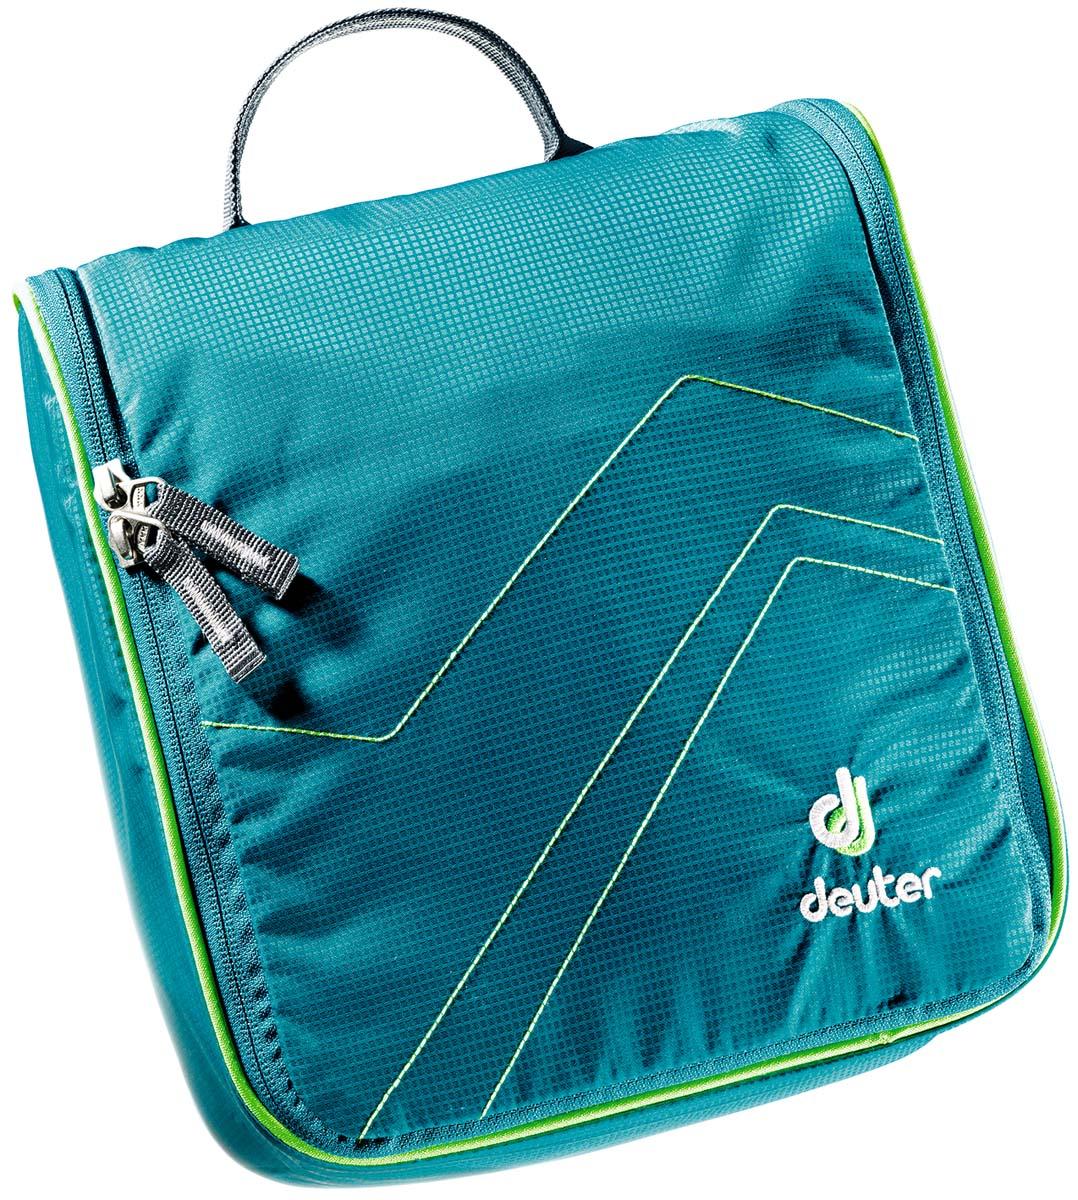 Косметичка Deuter  Wash Center II , цвет: бирюзовый, светло-зеленый, 25 см х 24 см х 9 см - Несессеры и кошельки